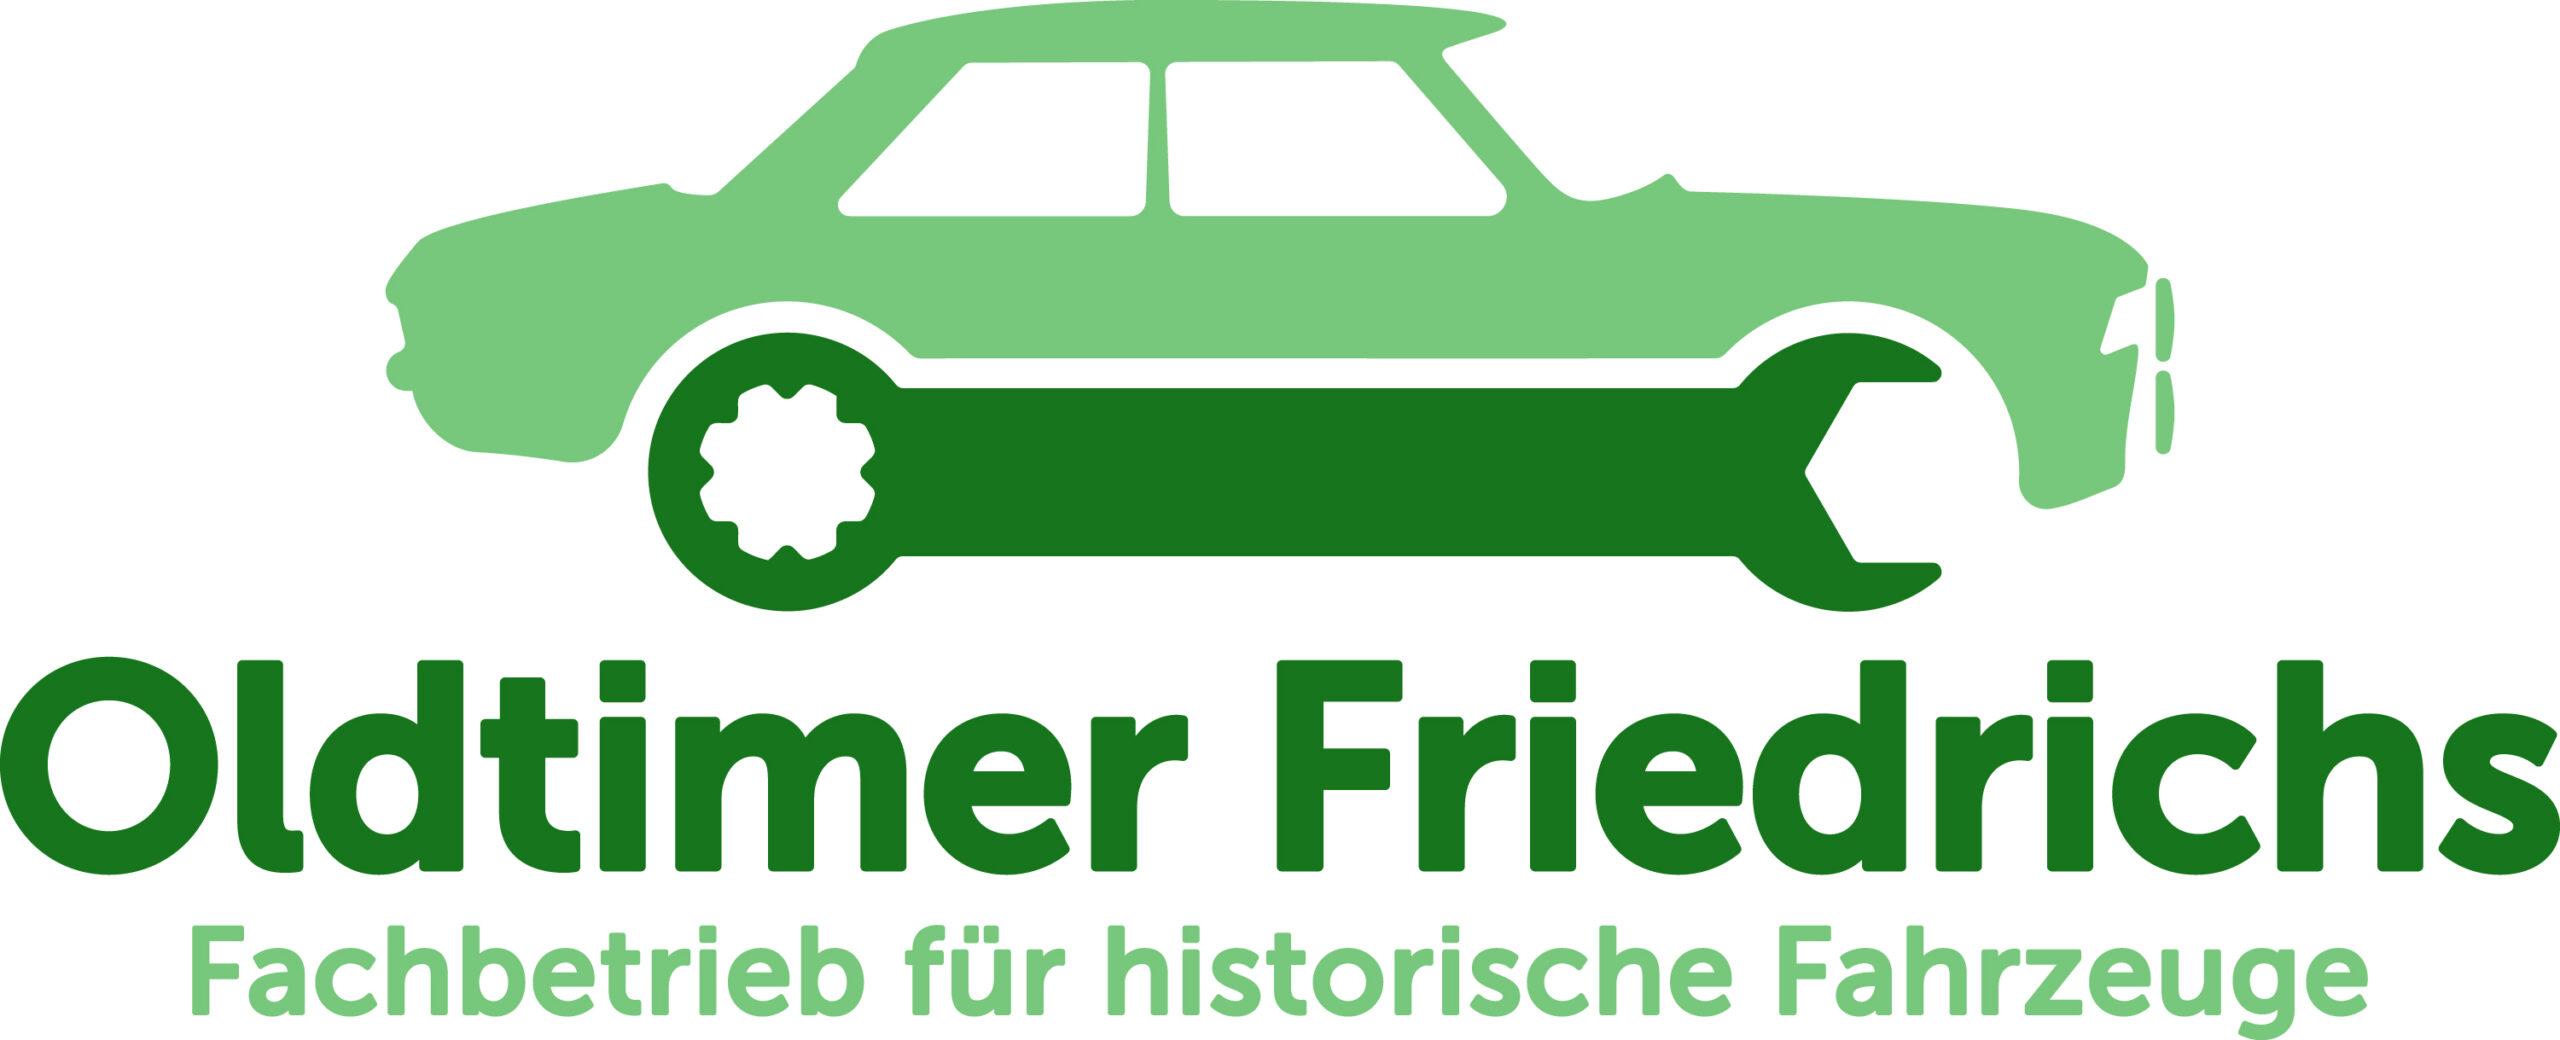 Oldtimer Werkstatt Friedrichs